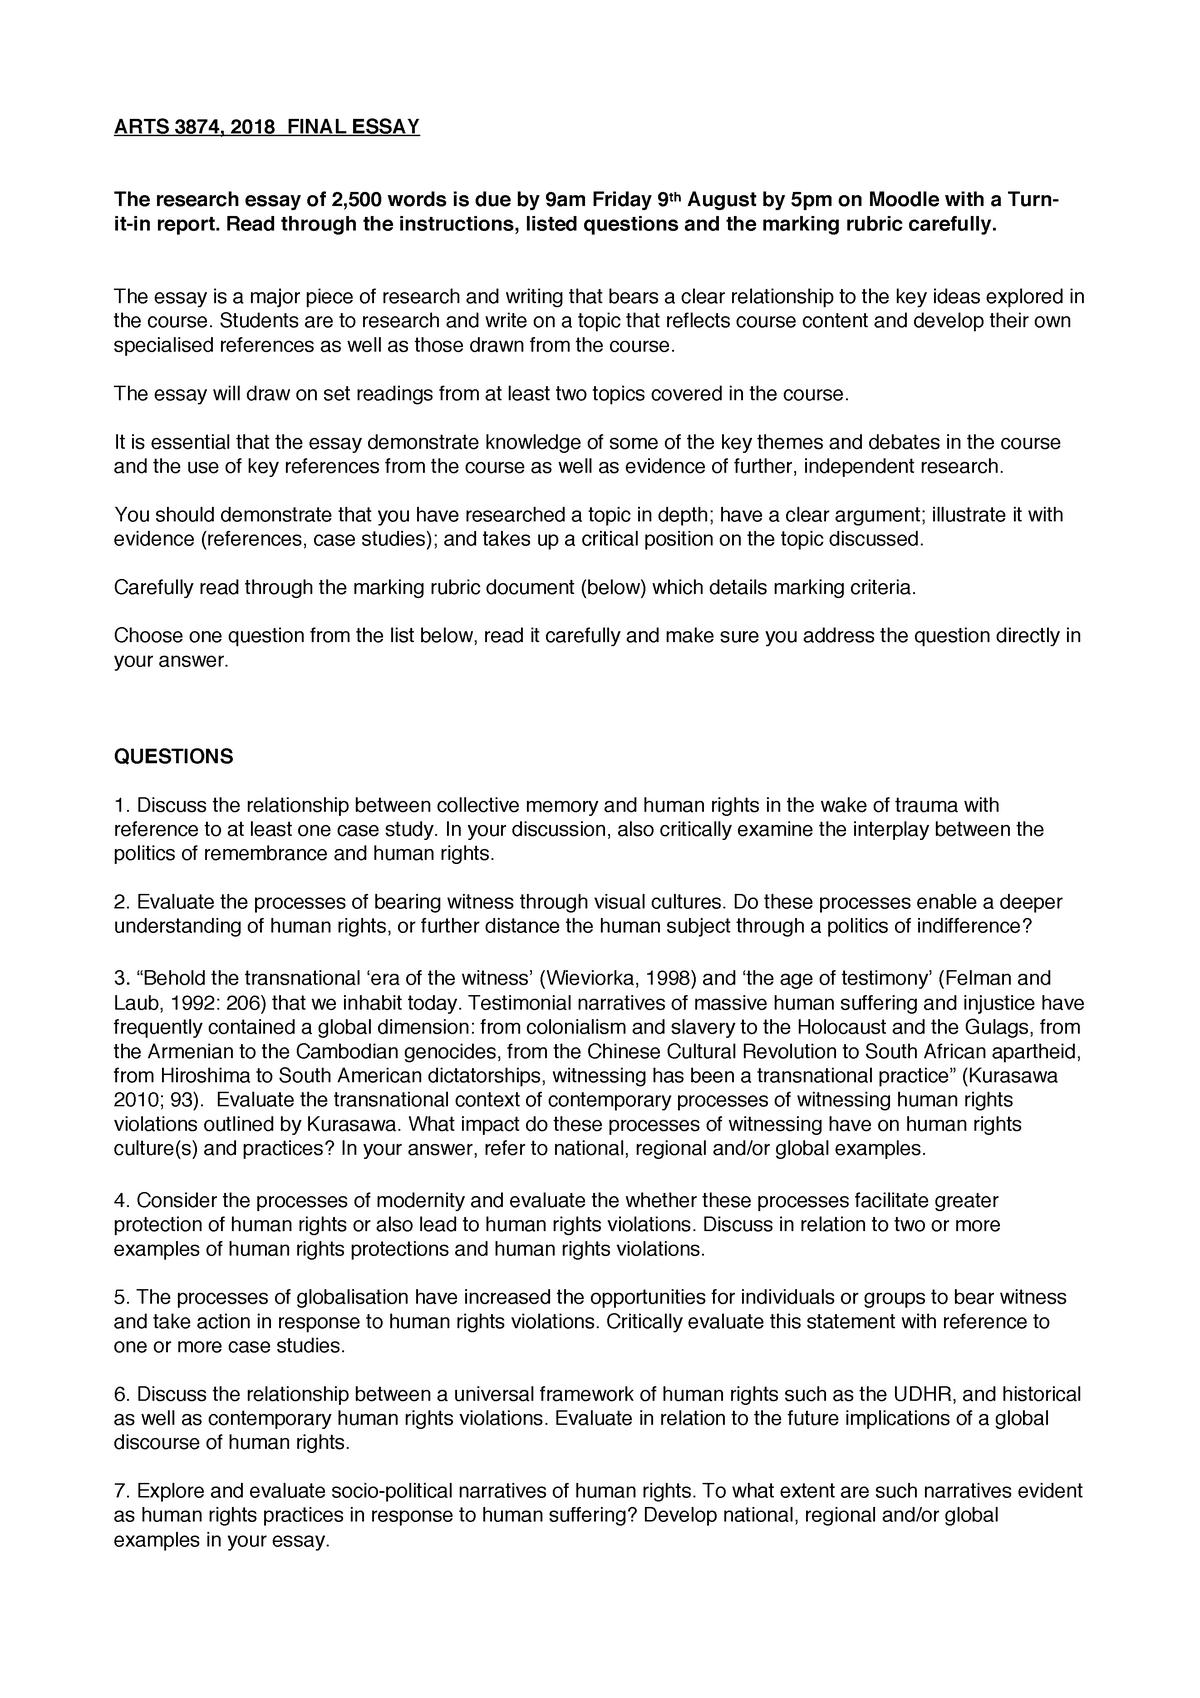 ARTS3874 Essay Questions 2019 - Culture and Human Rights